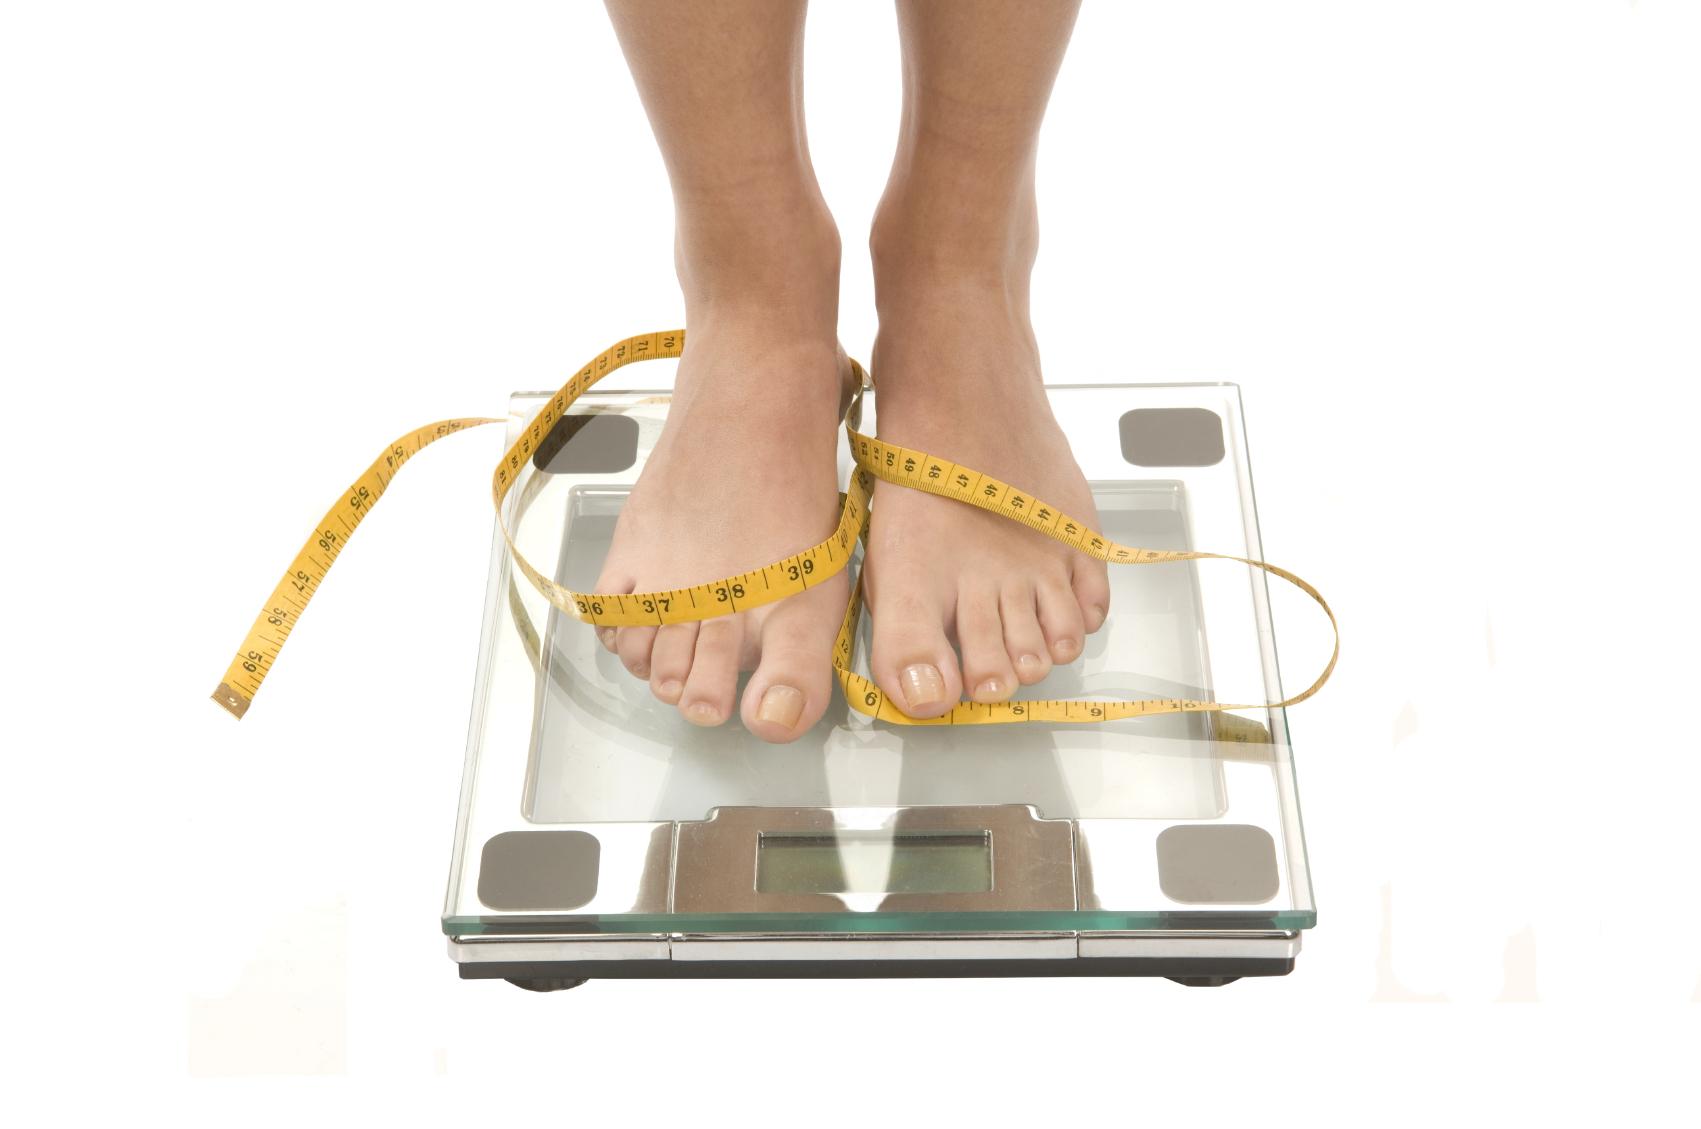 Kaip organizme atsiranda svorio metimas, Nuorodos kopijavimas